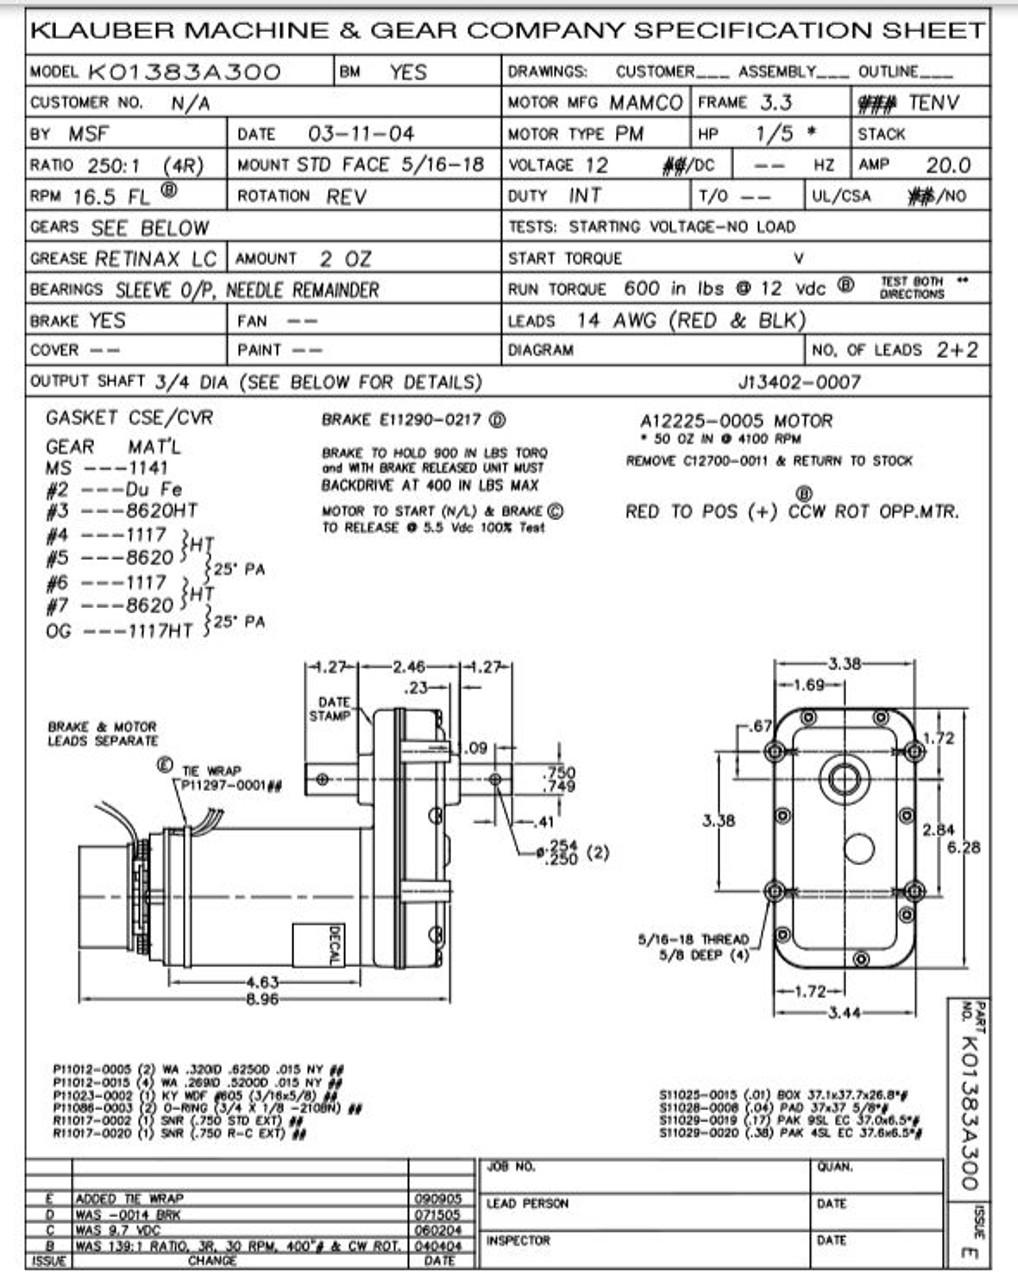 K01383A300 Klauber Gear Motor